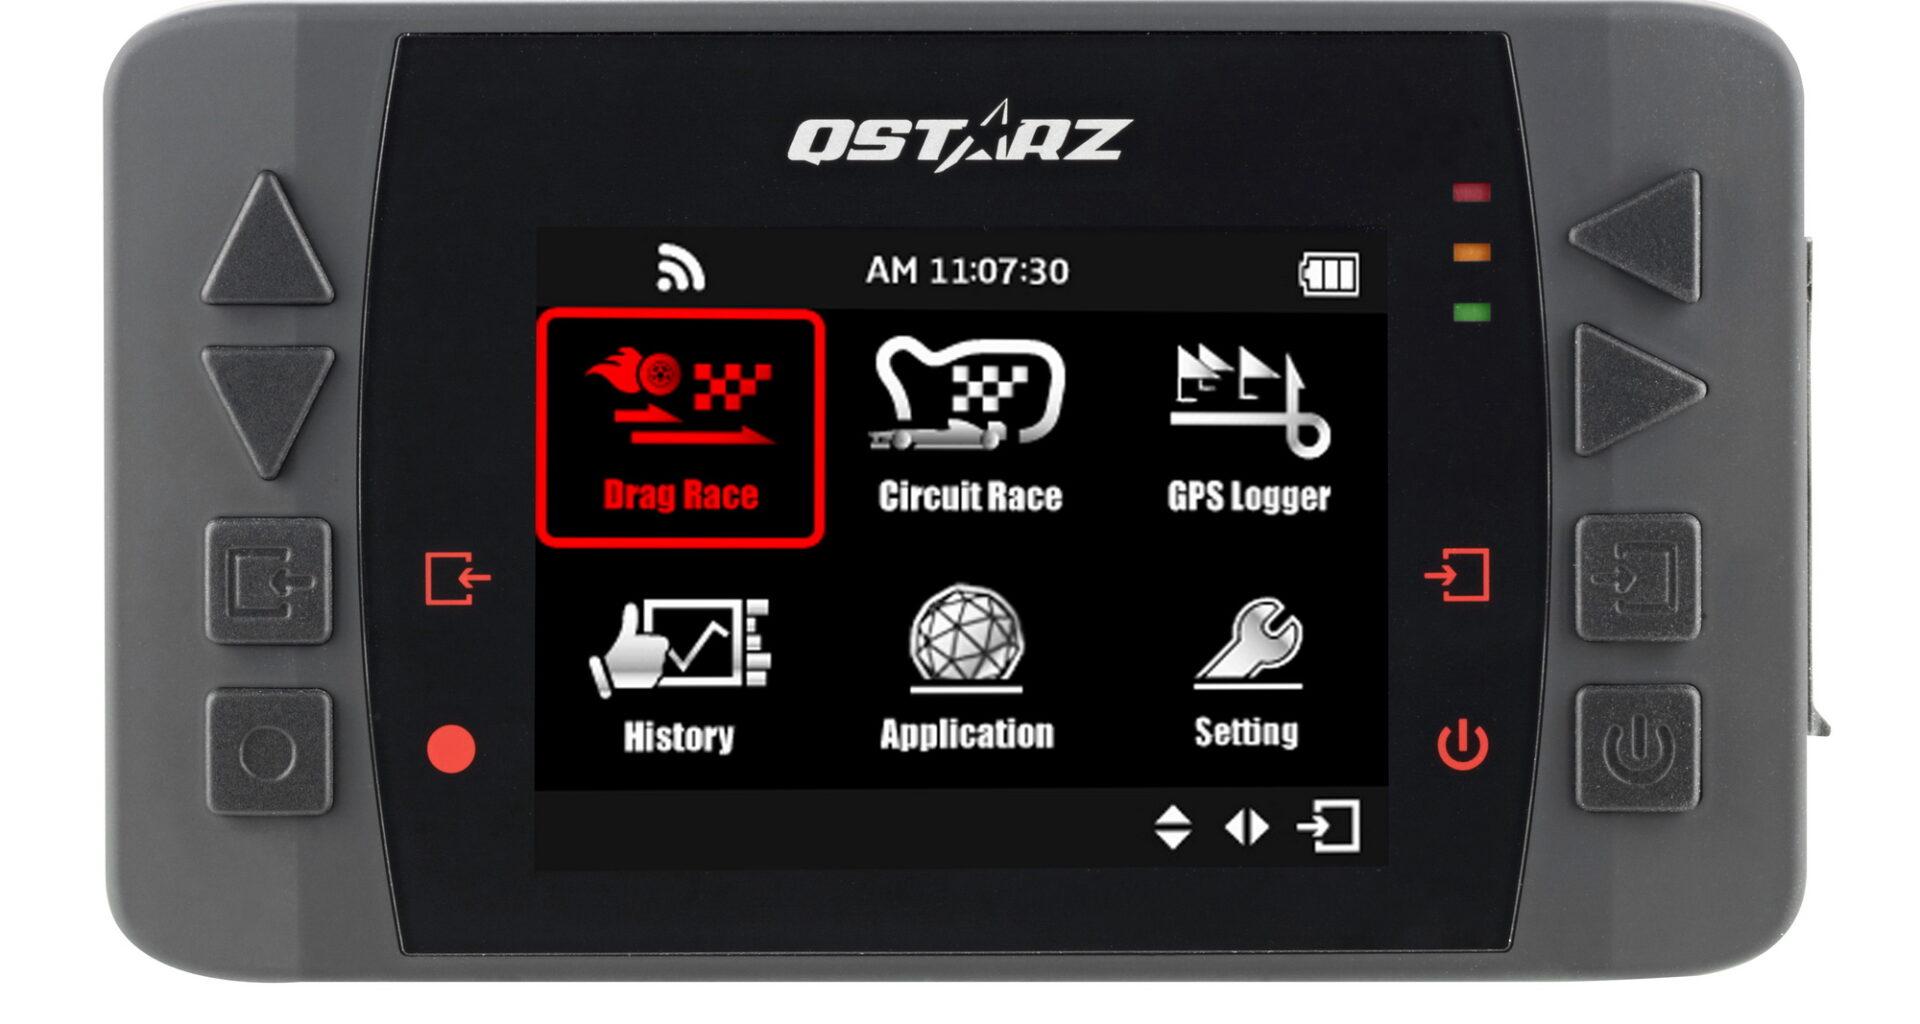 Q-starz LT6000s